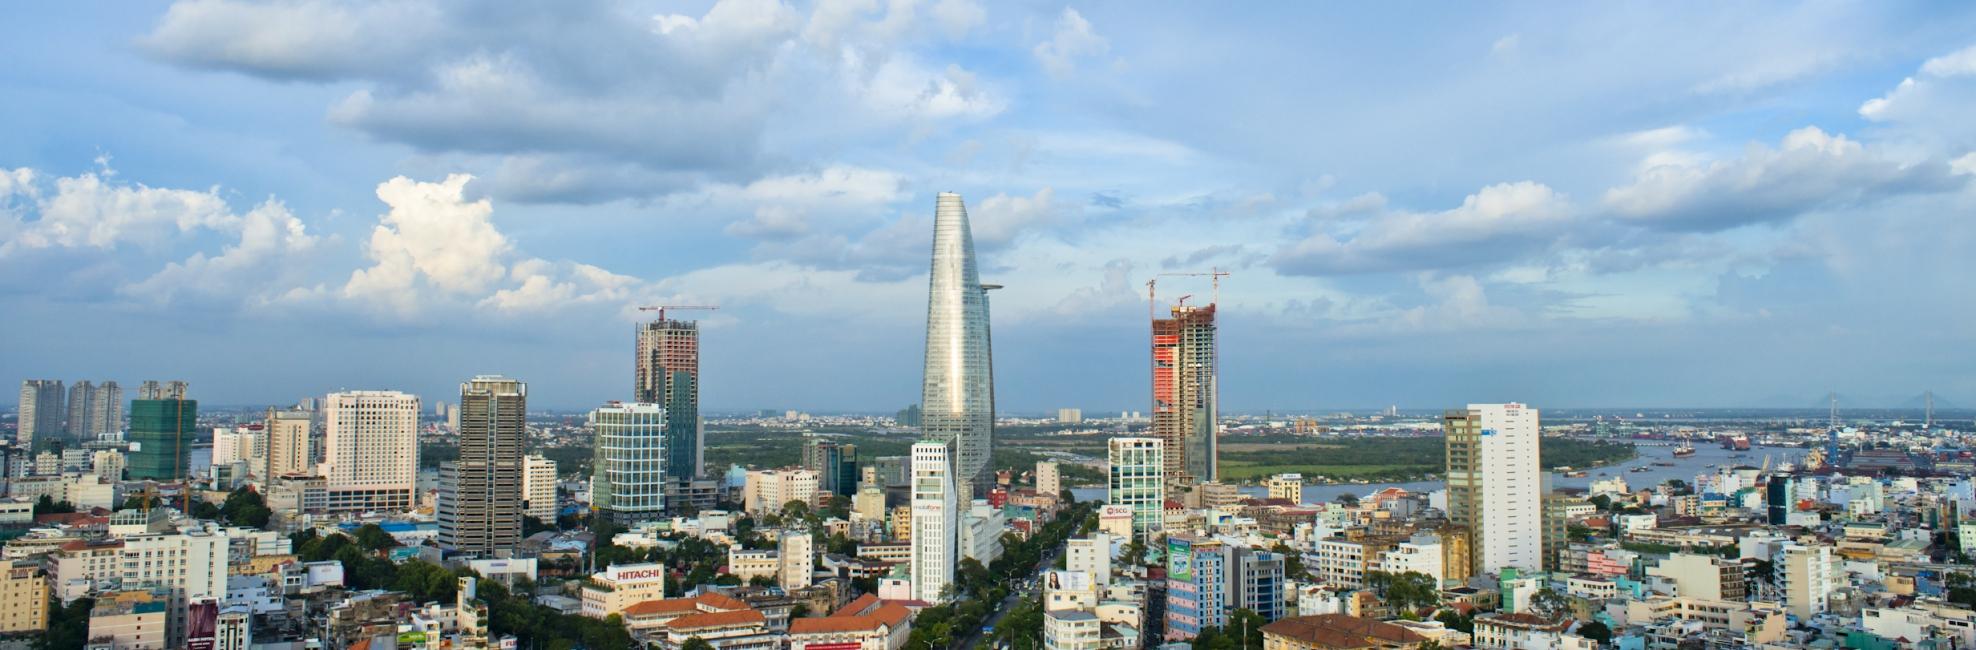 nachrichten vietnam